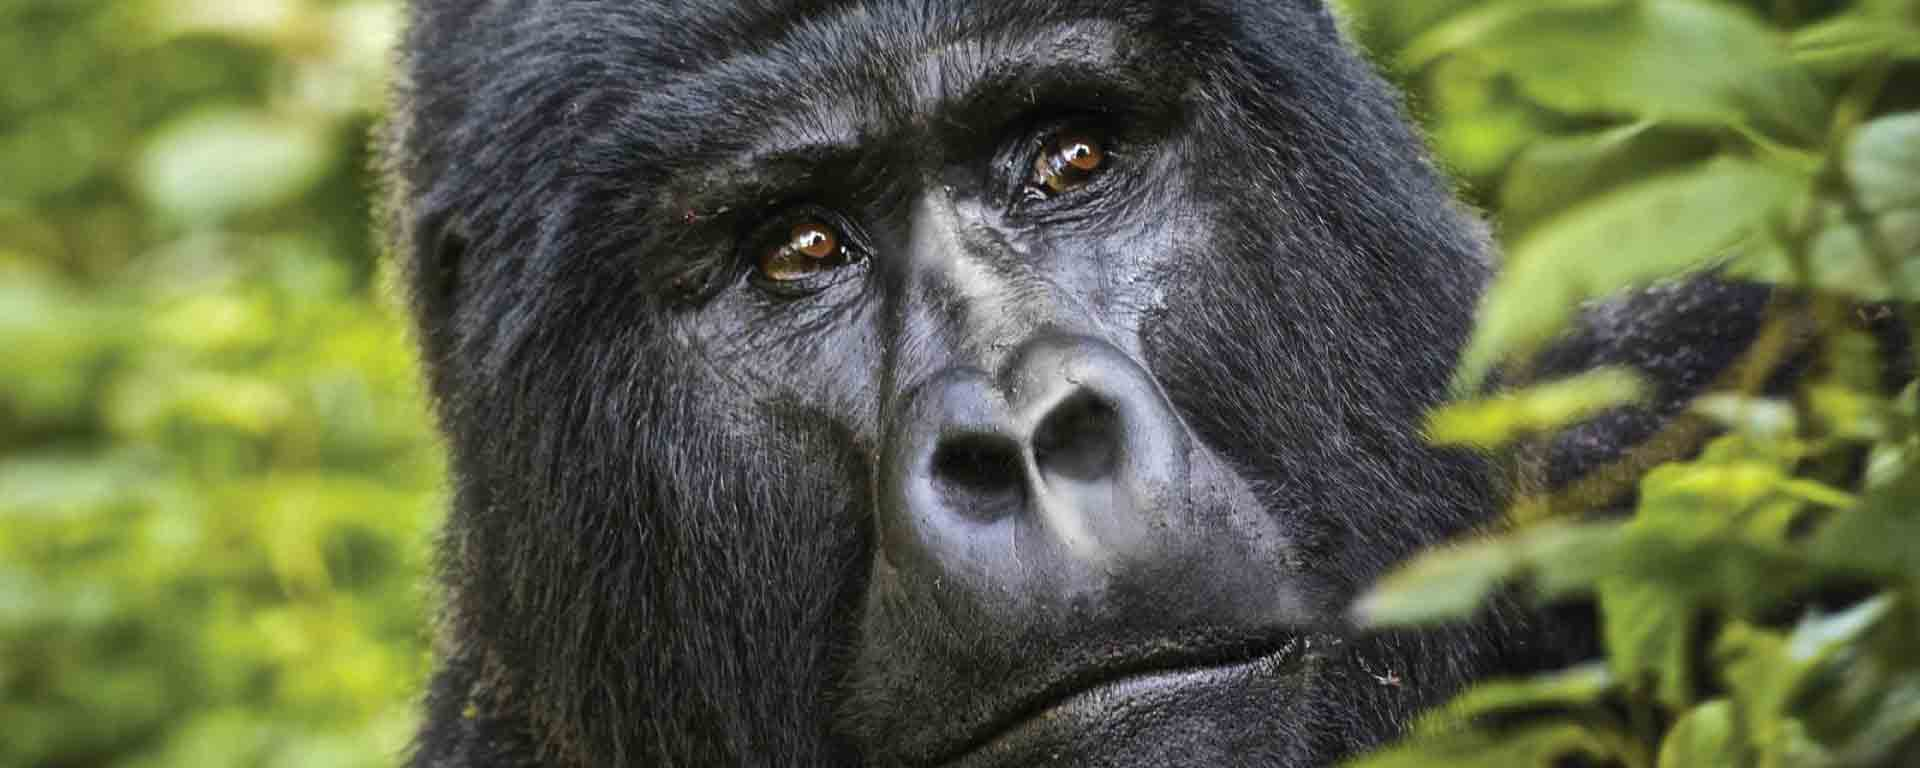 East Africa Gorilla Safaris